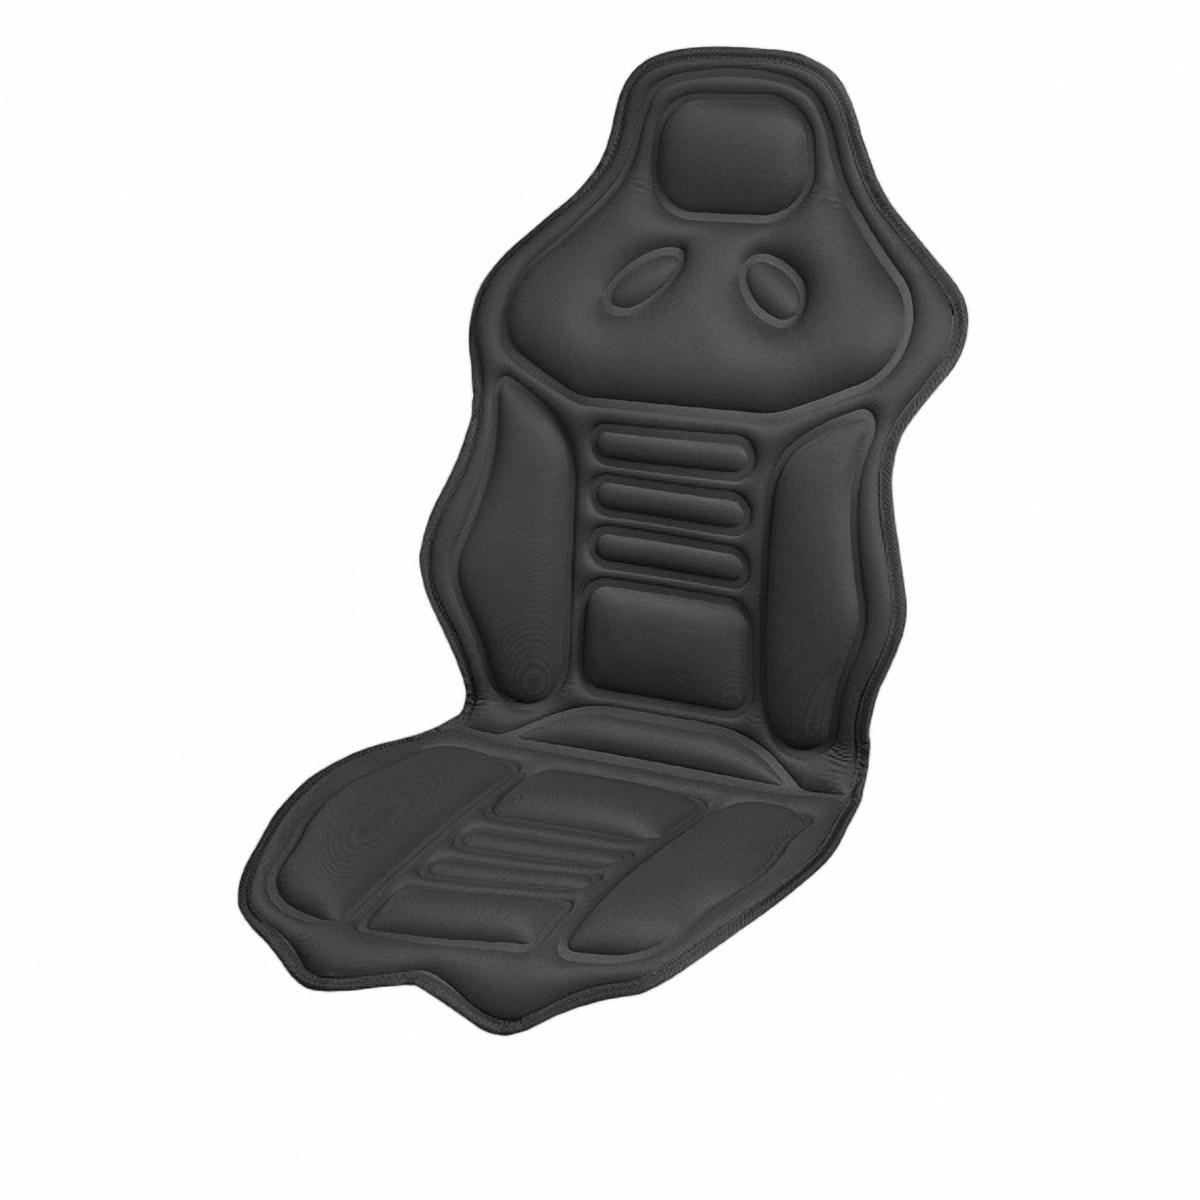 Подогрев для сиденья Skyway, со спинкой. S02201006S02201006Подогрев сиденья Skyway со спинкой с терморегулятором (2 режима) 12V; 2,5А-3А. Подогрев сидения – это сезонный товар и большой популярностью пользуется в осенне-зимний период. ТМ SKYWAY предлагает наружные подогревы сидений, изготовленные в виде накидки на автомобильное кресло. Преимущество наружных подогревов в простоте установки. Они крепятся ремнями к креслу автомобиля и подключаются к бортовой сети через гнездо прикуривателя.